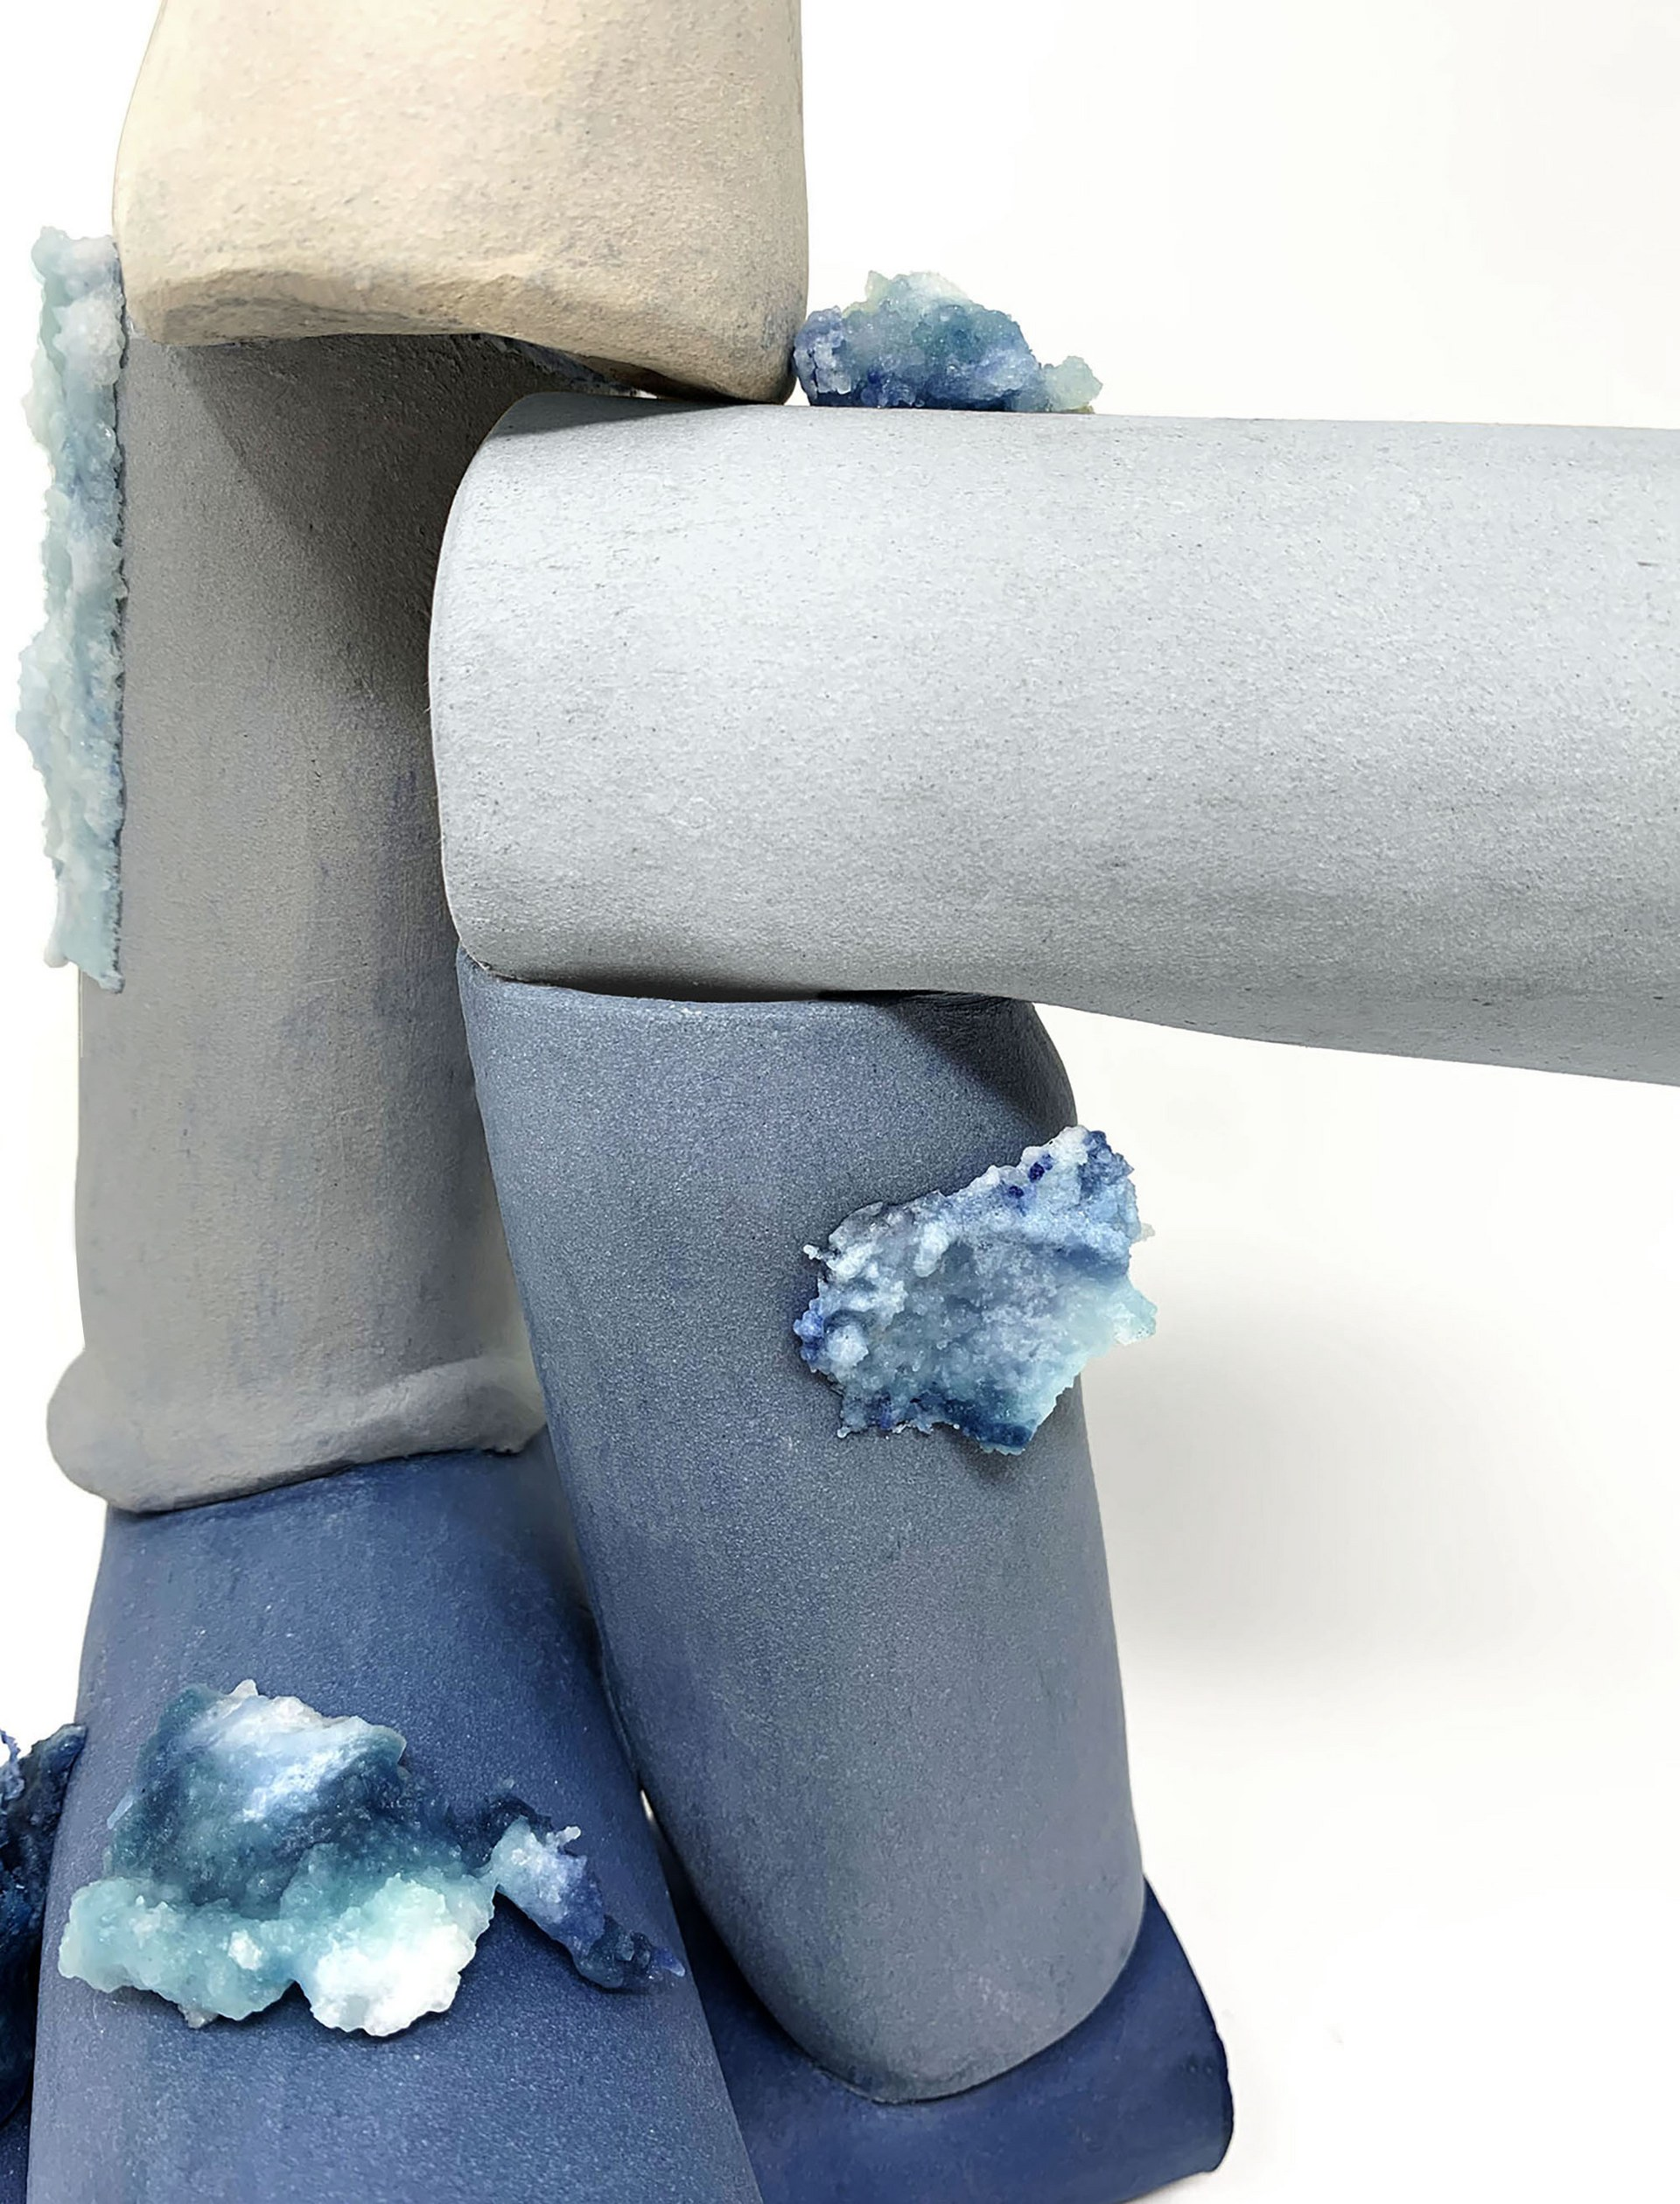 Scar Tissue - detail